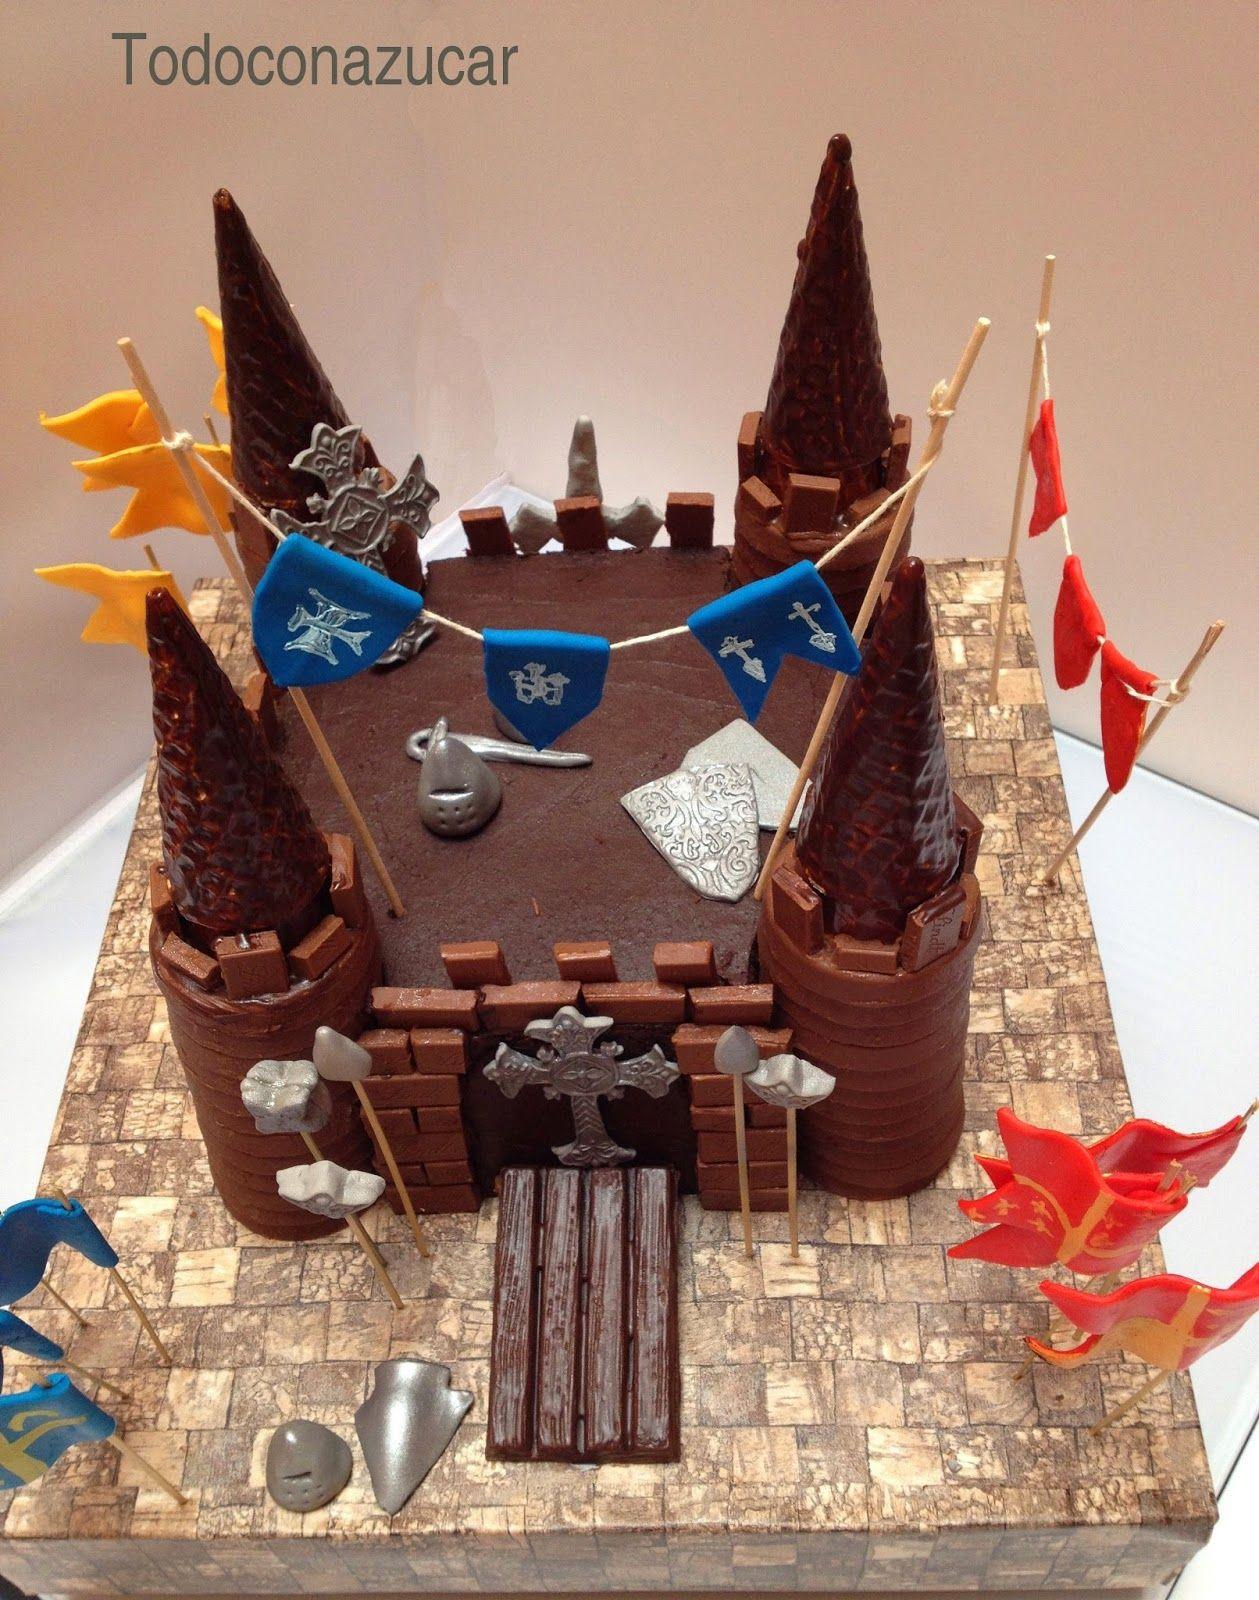 Sensational Img 6359 Jpg 1 2591 600 Pixels Toddler Birthday Cakes Castle Funny Birthday Cards Online Overcheapnameinfo